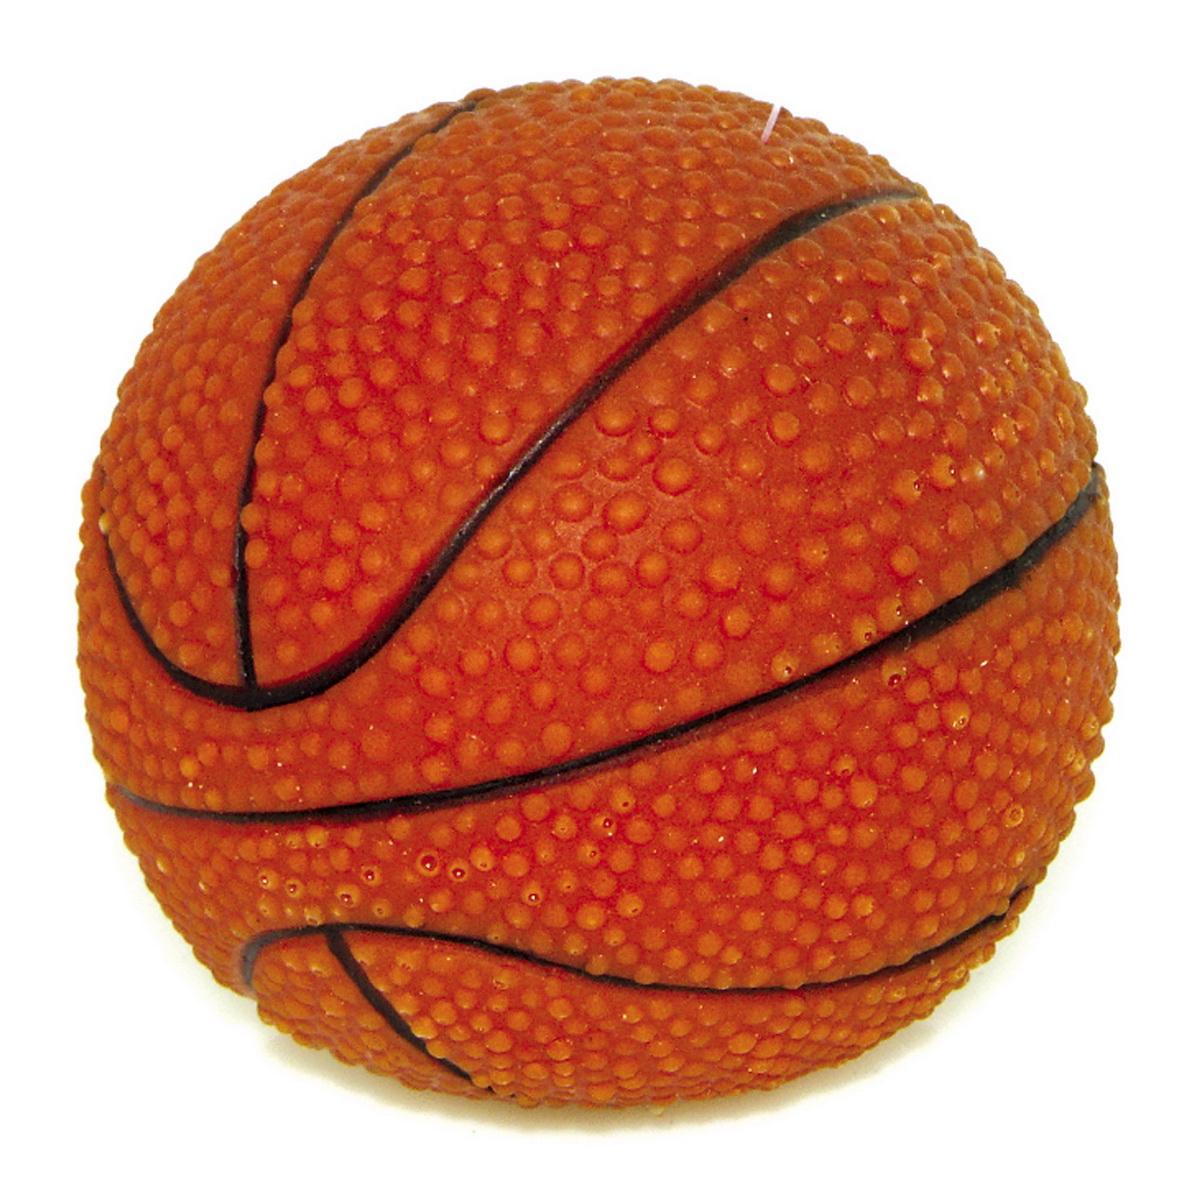 Игрушка для собак Dezzie Мяч. Баскетбол, диаметр 7,5 см5604069Игрушка для собак Dezzie Мяч. Баскетбол изготовлена из винила в виде баскетбольного мяча. Такая игрушка практична, функциональна и совершенно безопасна для здоровья животного. Ее легко мыть и дезинфицировать. Игрушка очень легкая, поэтому собаке совсем нетрудно брать ее в пасть и переносить с места на место. Игрушка для собак Dezzie Мяч. Баскетбол станет прекрасным подарком для неугомонного четвероногого питомца. Диаметр мяча: 7,5 см.